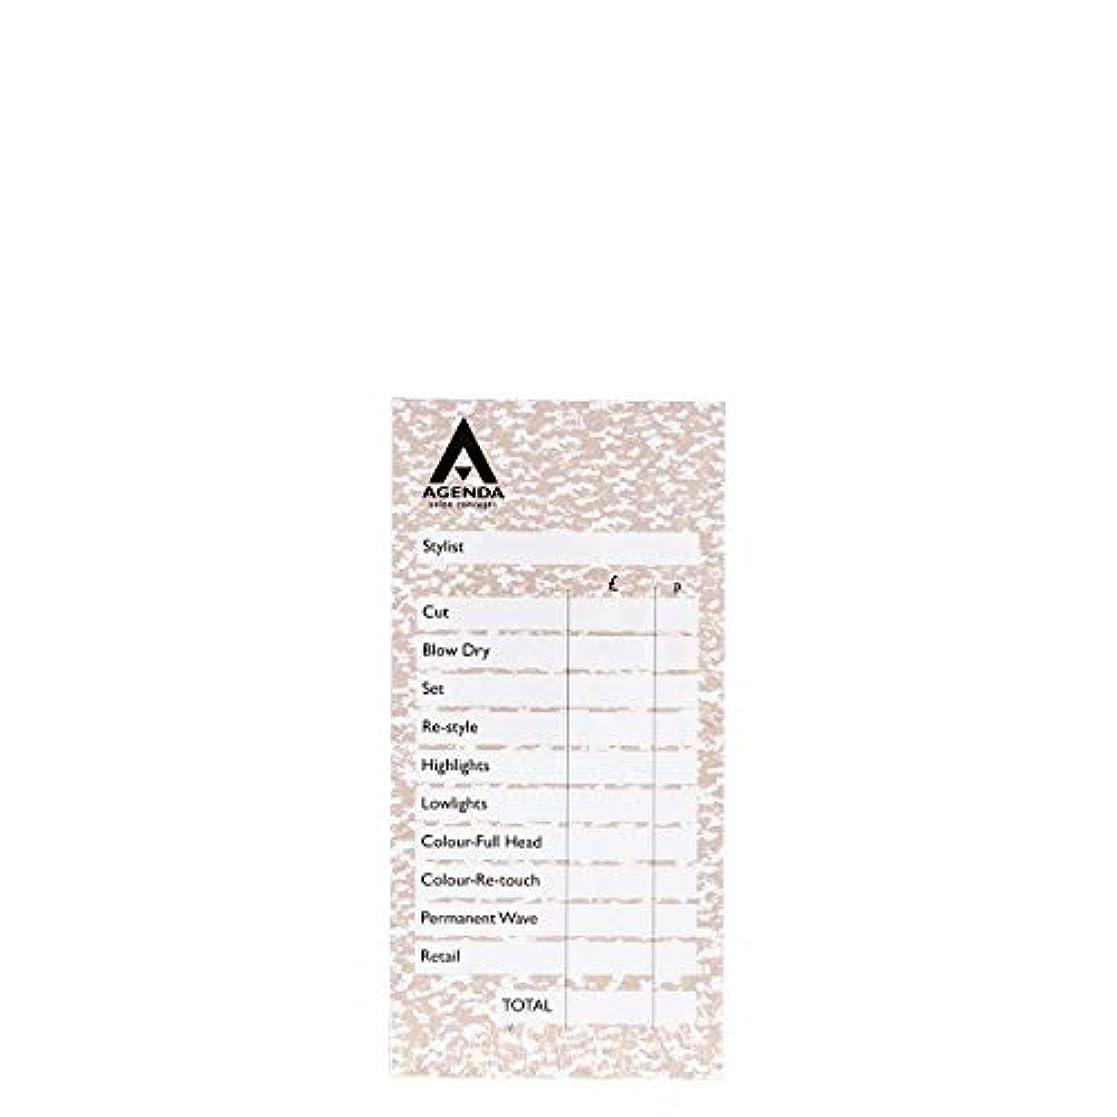 下る頻繁に発火するアジェンダ サロンコンセプト チェックパッドベージュ6x100リーフ[海外直送品] [並行輸入品]